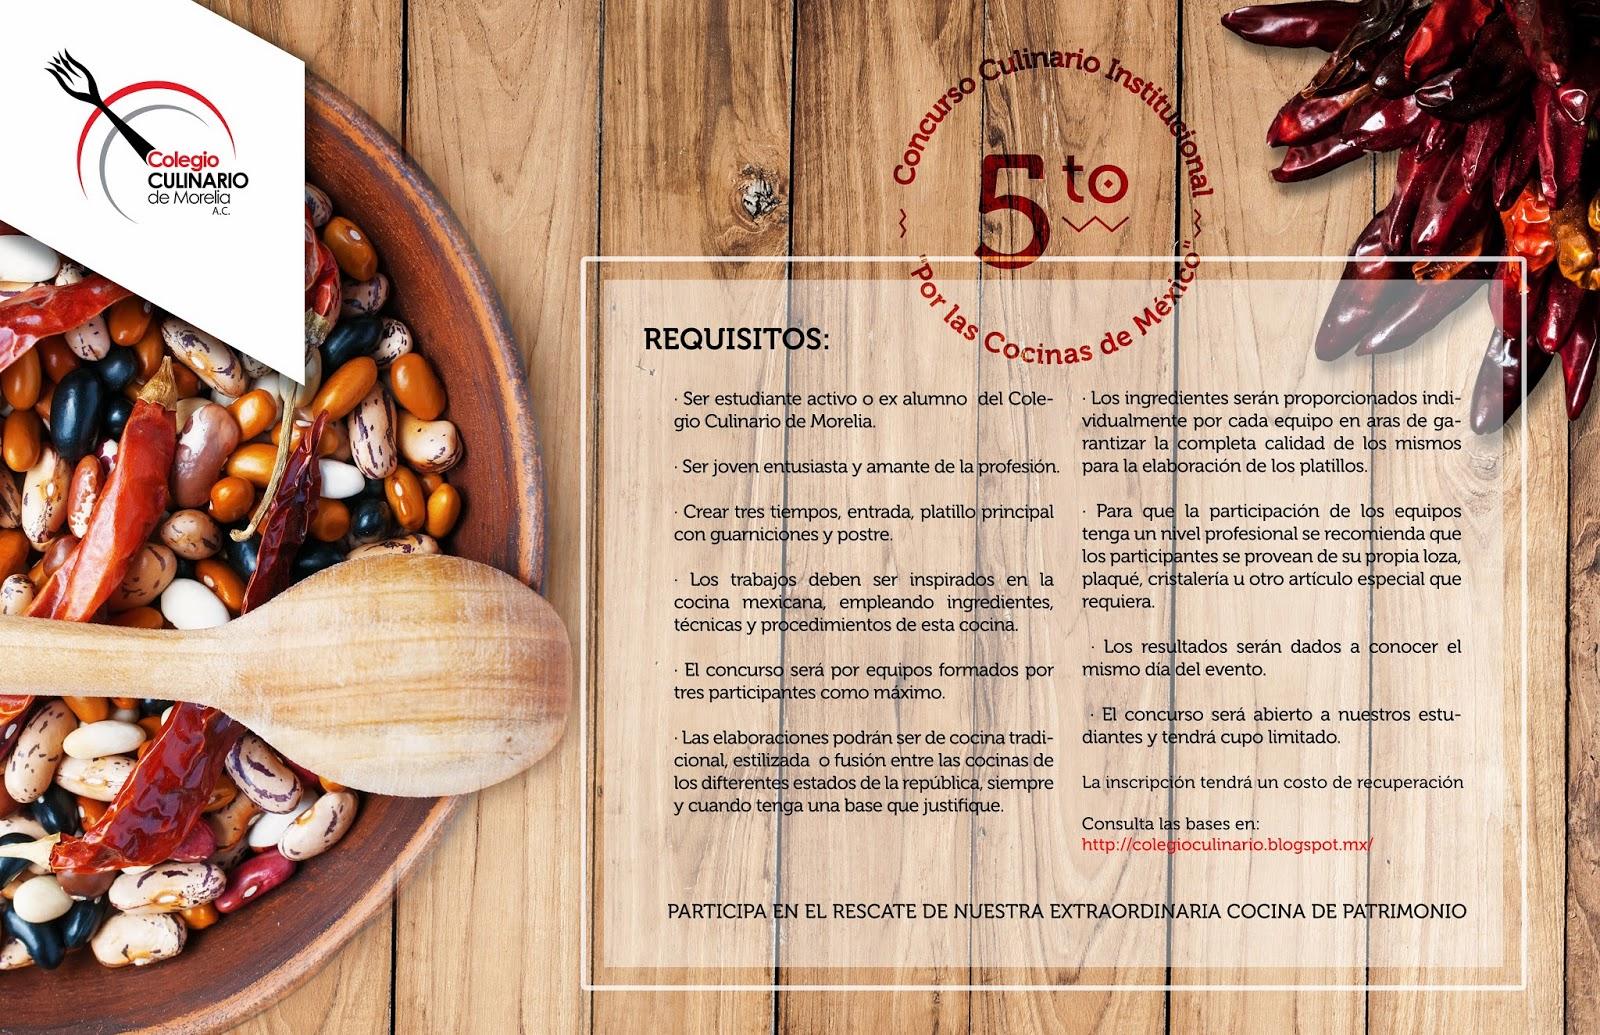 Noticias colegio culinario convocatoria para el concurso - Concurso de cocina ...